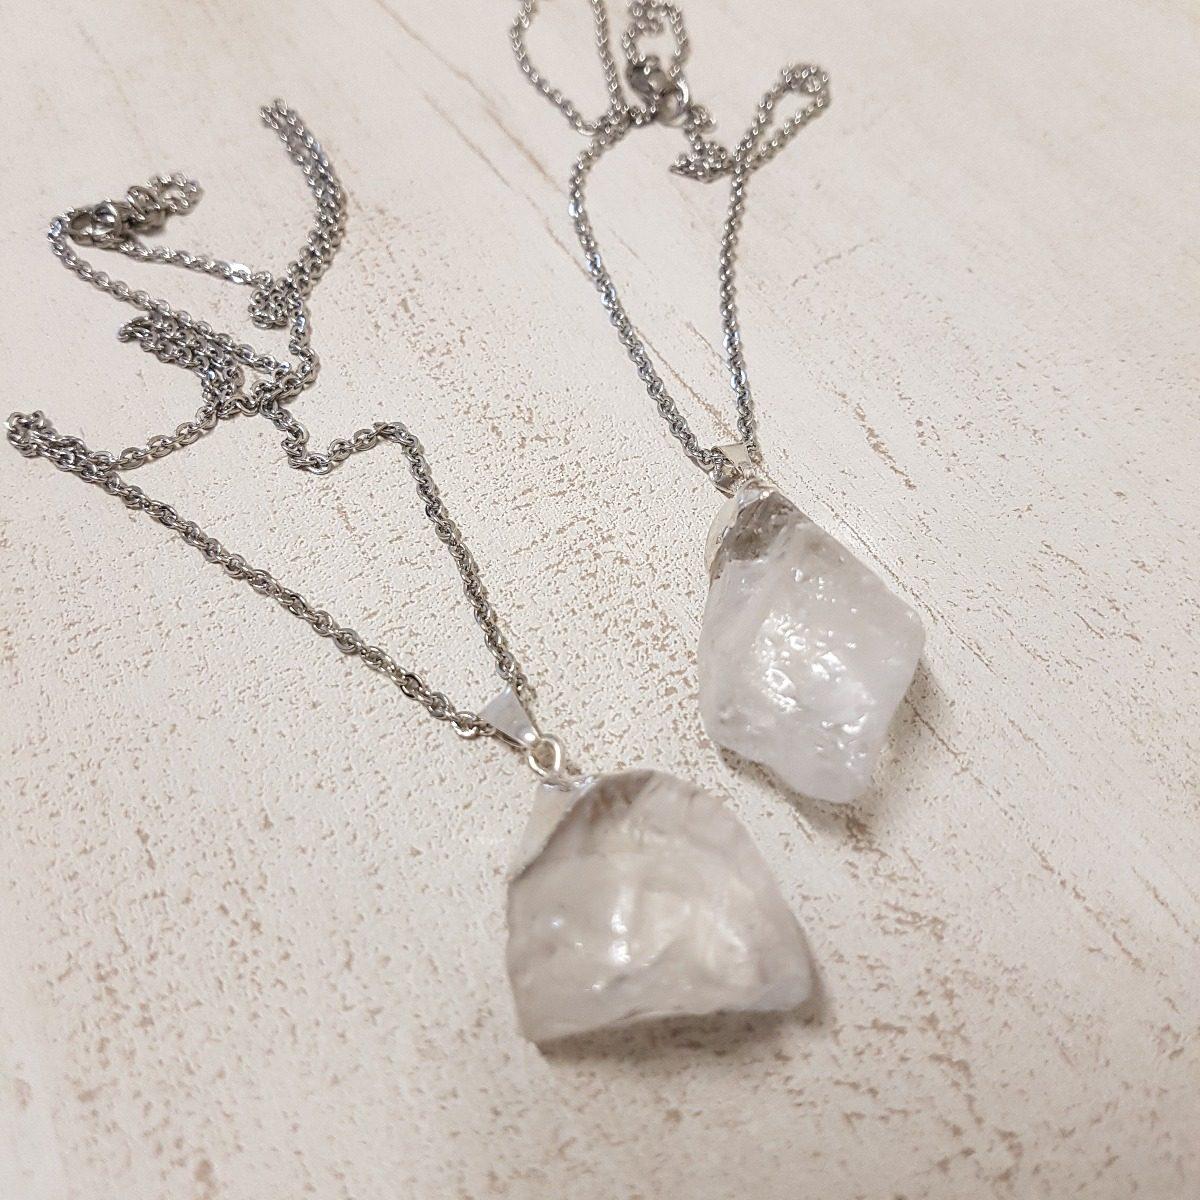 dd9b64601e92 collar acero quirurgico dije cuarzo cristal piedra natural. Cargando zoom.